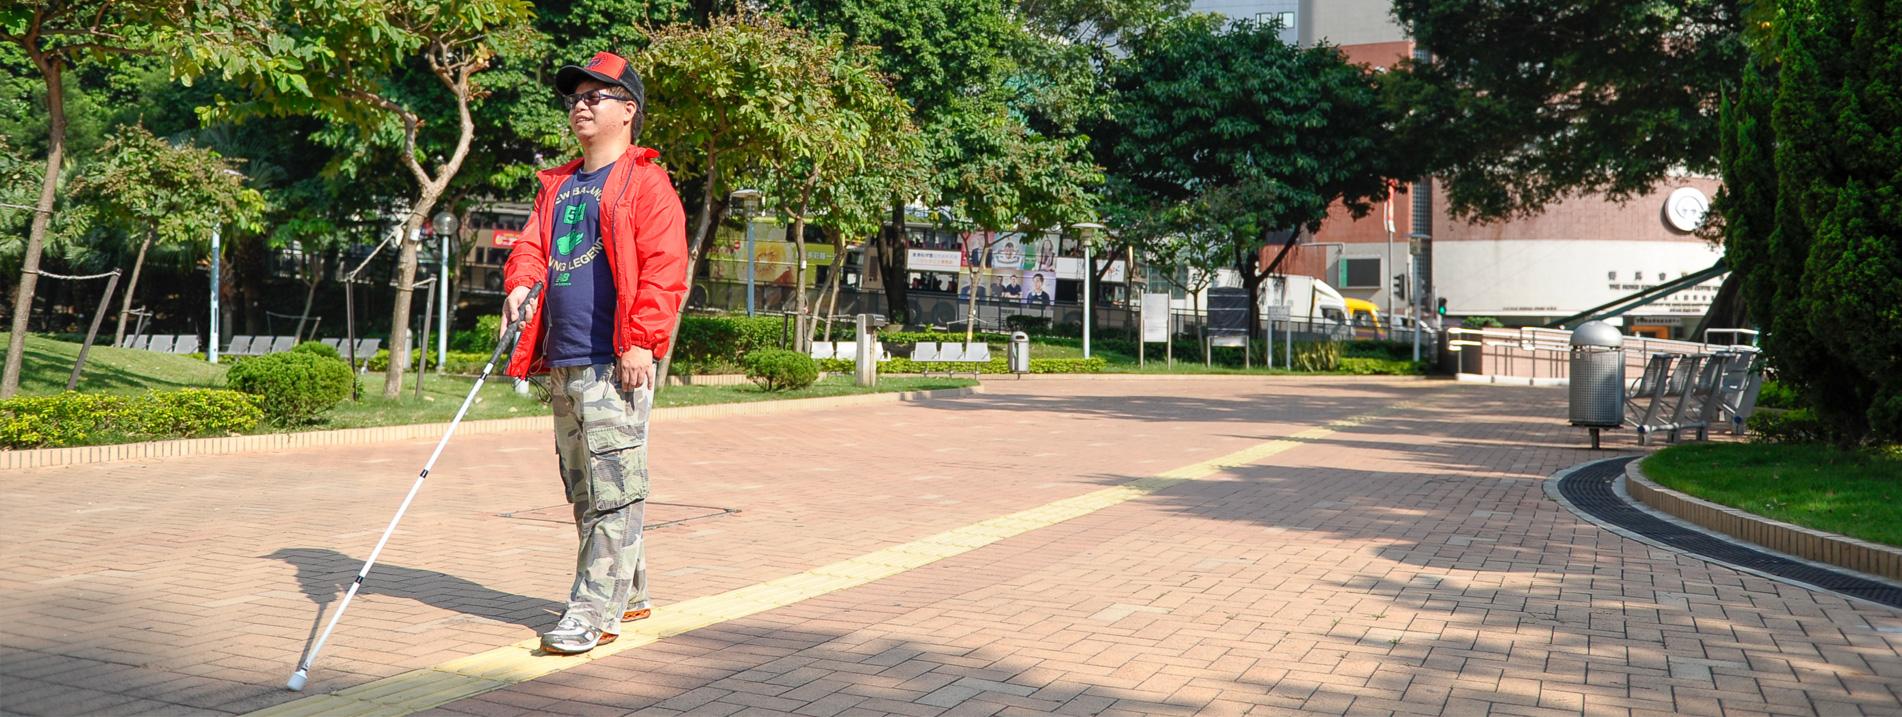 一位視障人士手持白杖獨立行走